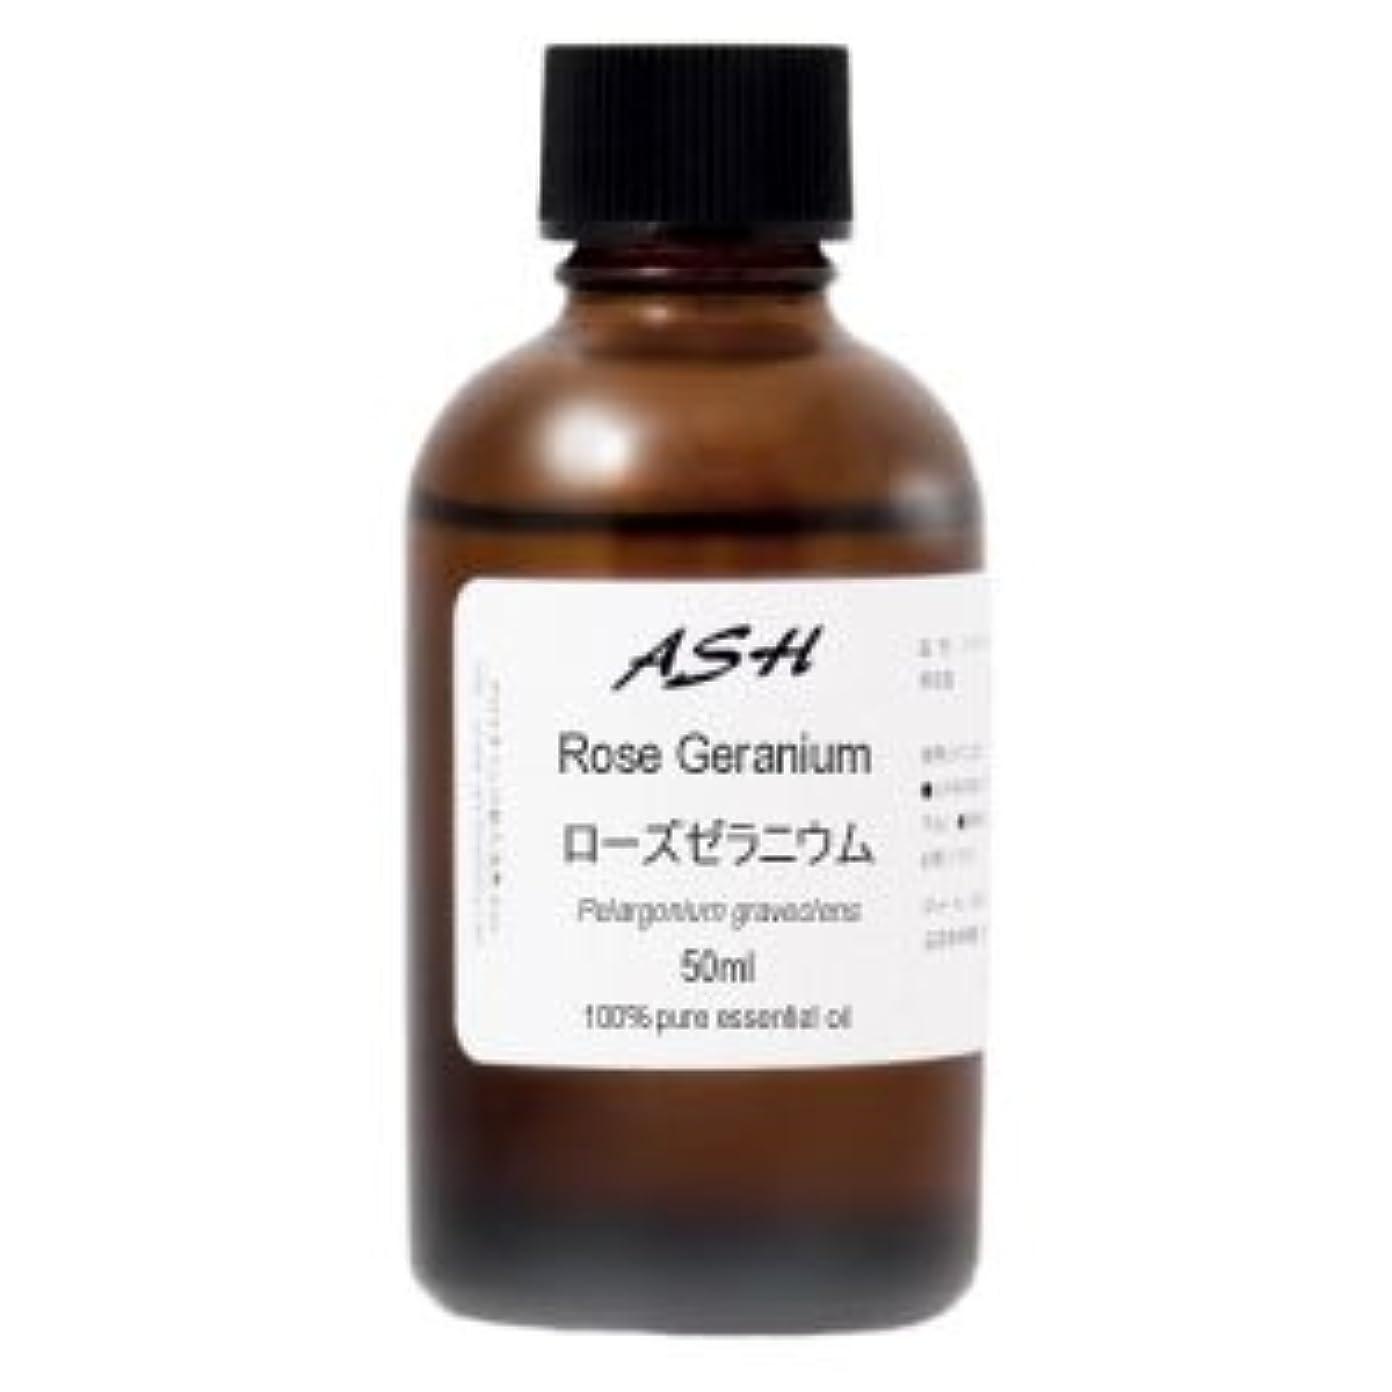 拒絶不道徳暴君ASH ローズゼラニウム エッセンシャルオイル 50ml AEAJ表示基準適合認定精油